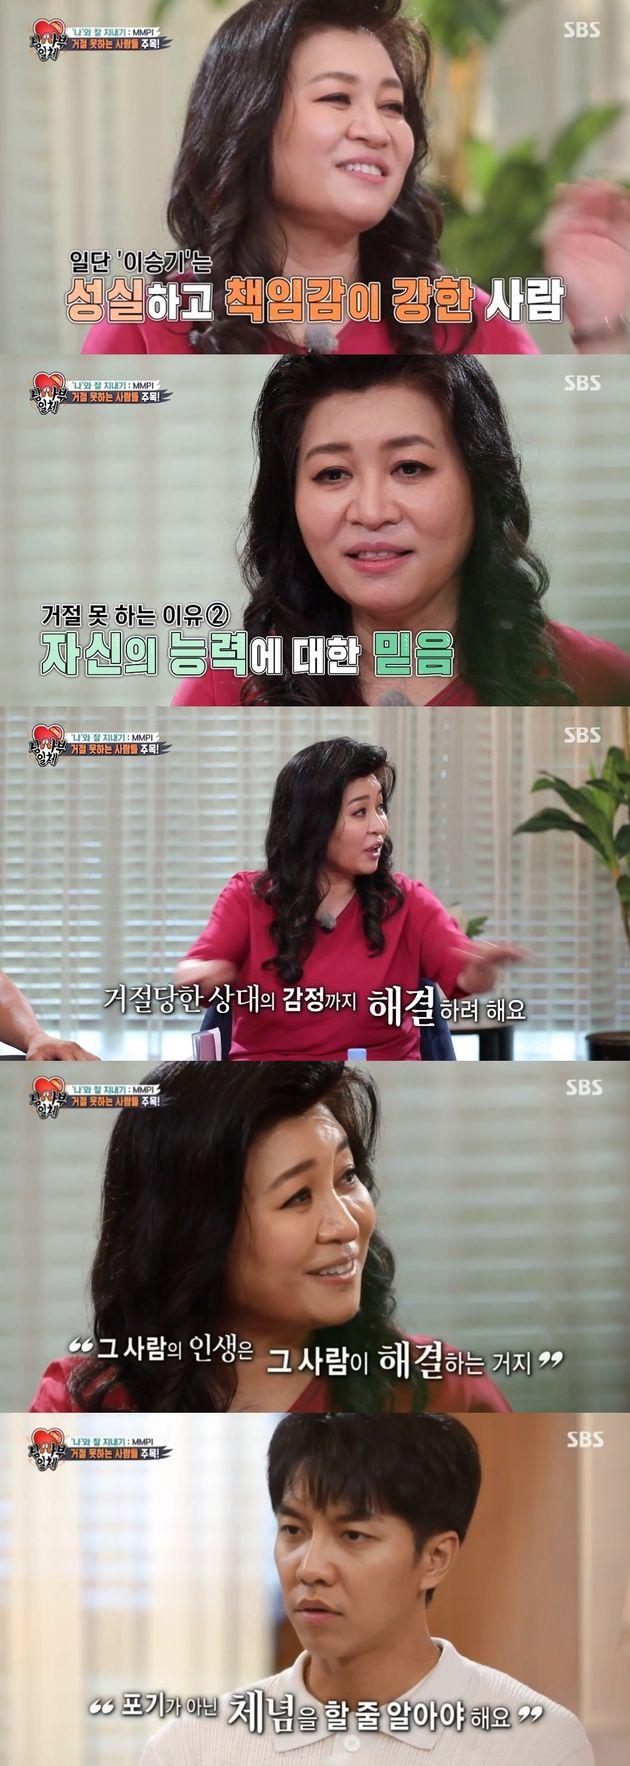 Oh Eun-jung